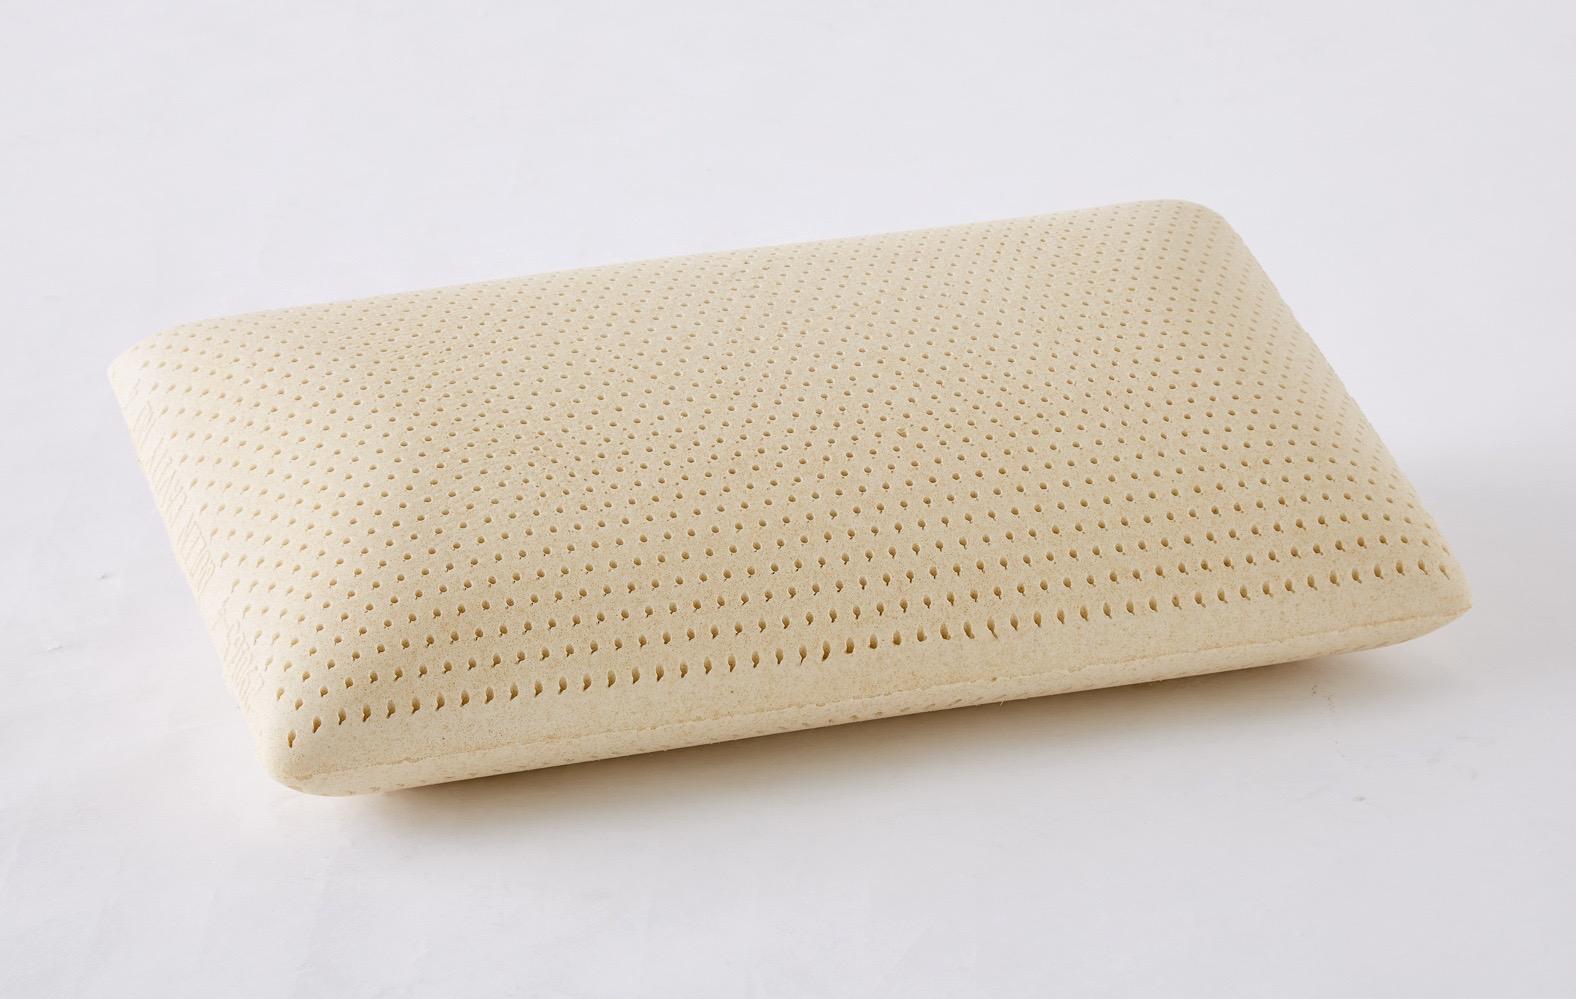 firm density latex foam pillows